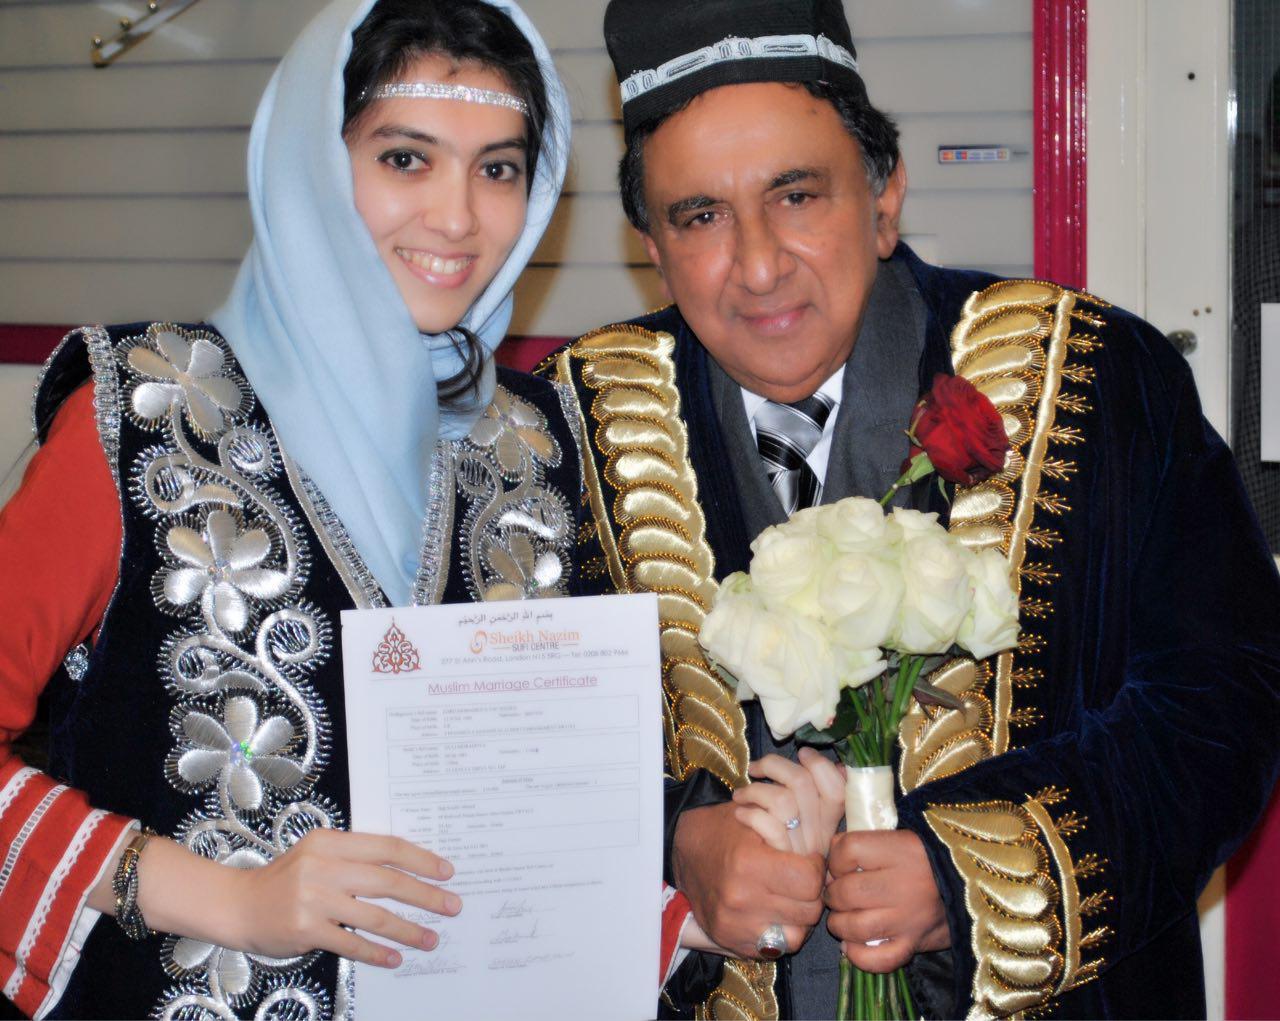 Узбекистанка Гули Мурадова раскрыла подробности своего знакомства и свадьбы с английским лордом